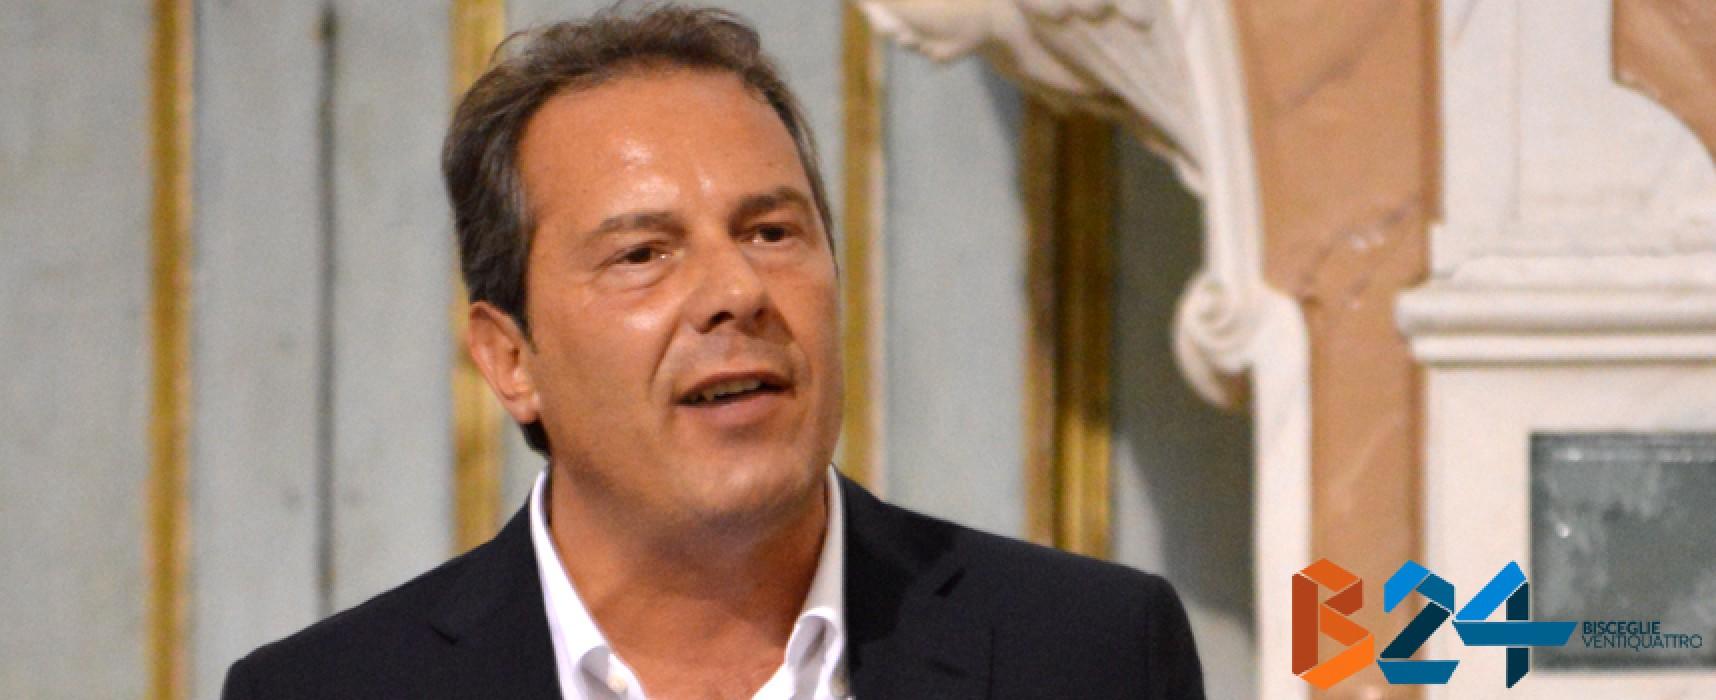 Trasferta del sindaco Spina a Milano, impegnati 1500 euro per il rimborso spese